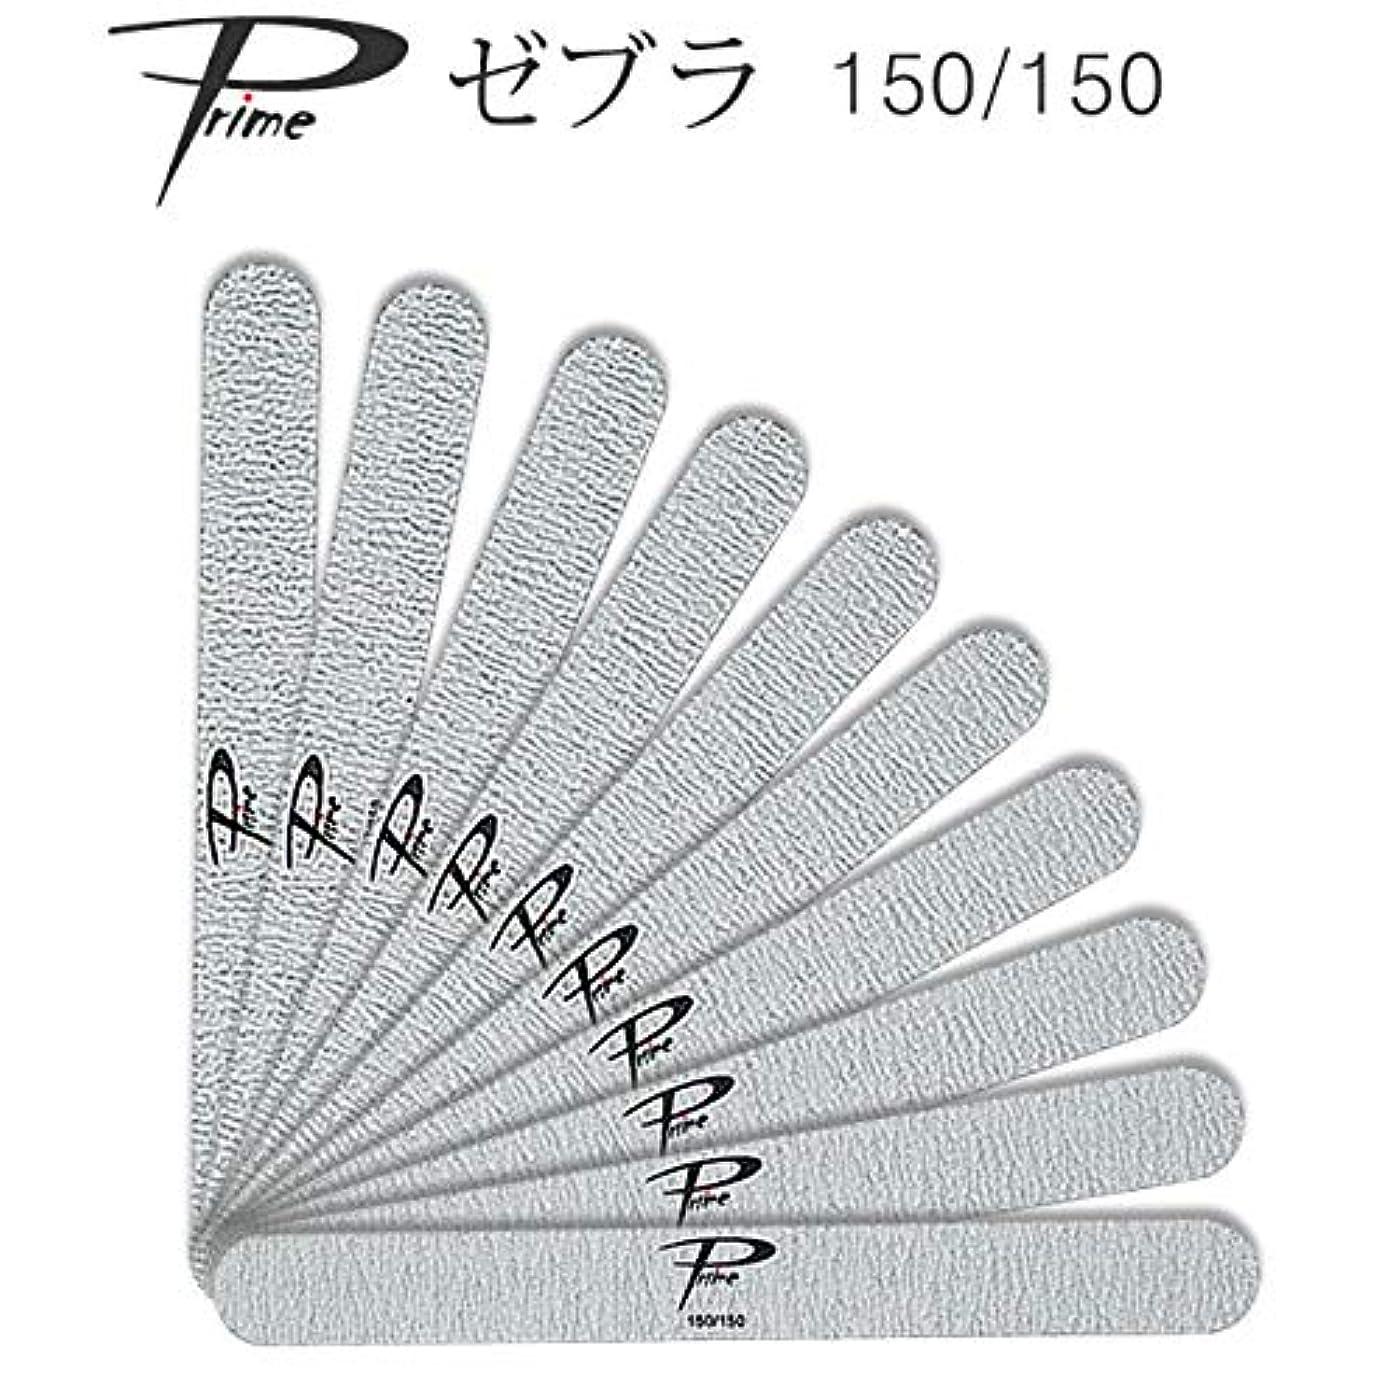 汚い確実繕う10本セット Prime ゼブラファイル 150/150